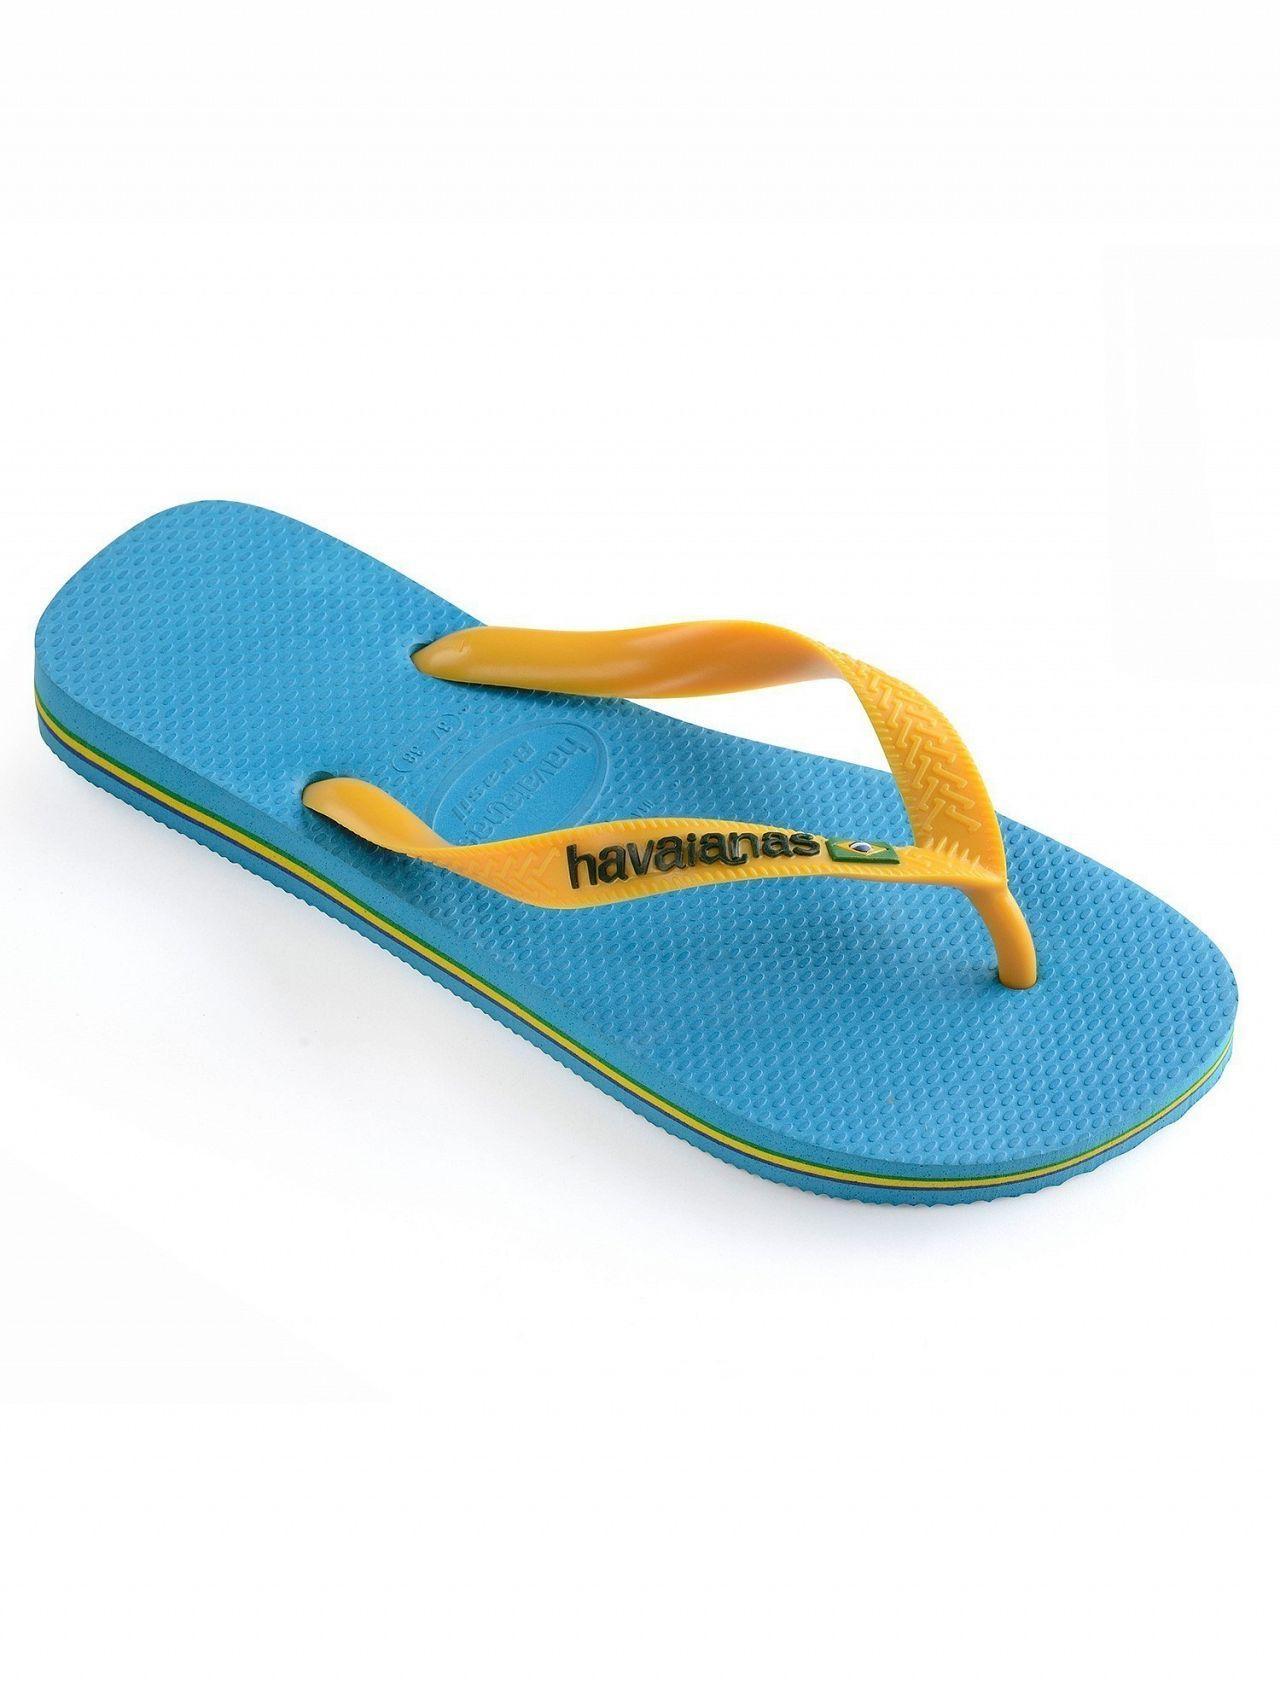 b6e4e6b42 Havaianas Turquoise yellow Brasil Logo Flip Flops in Blue for Men - Lyst